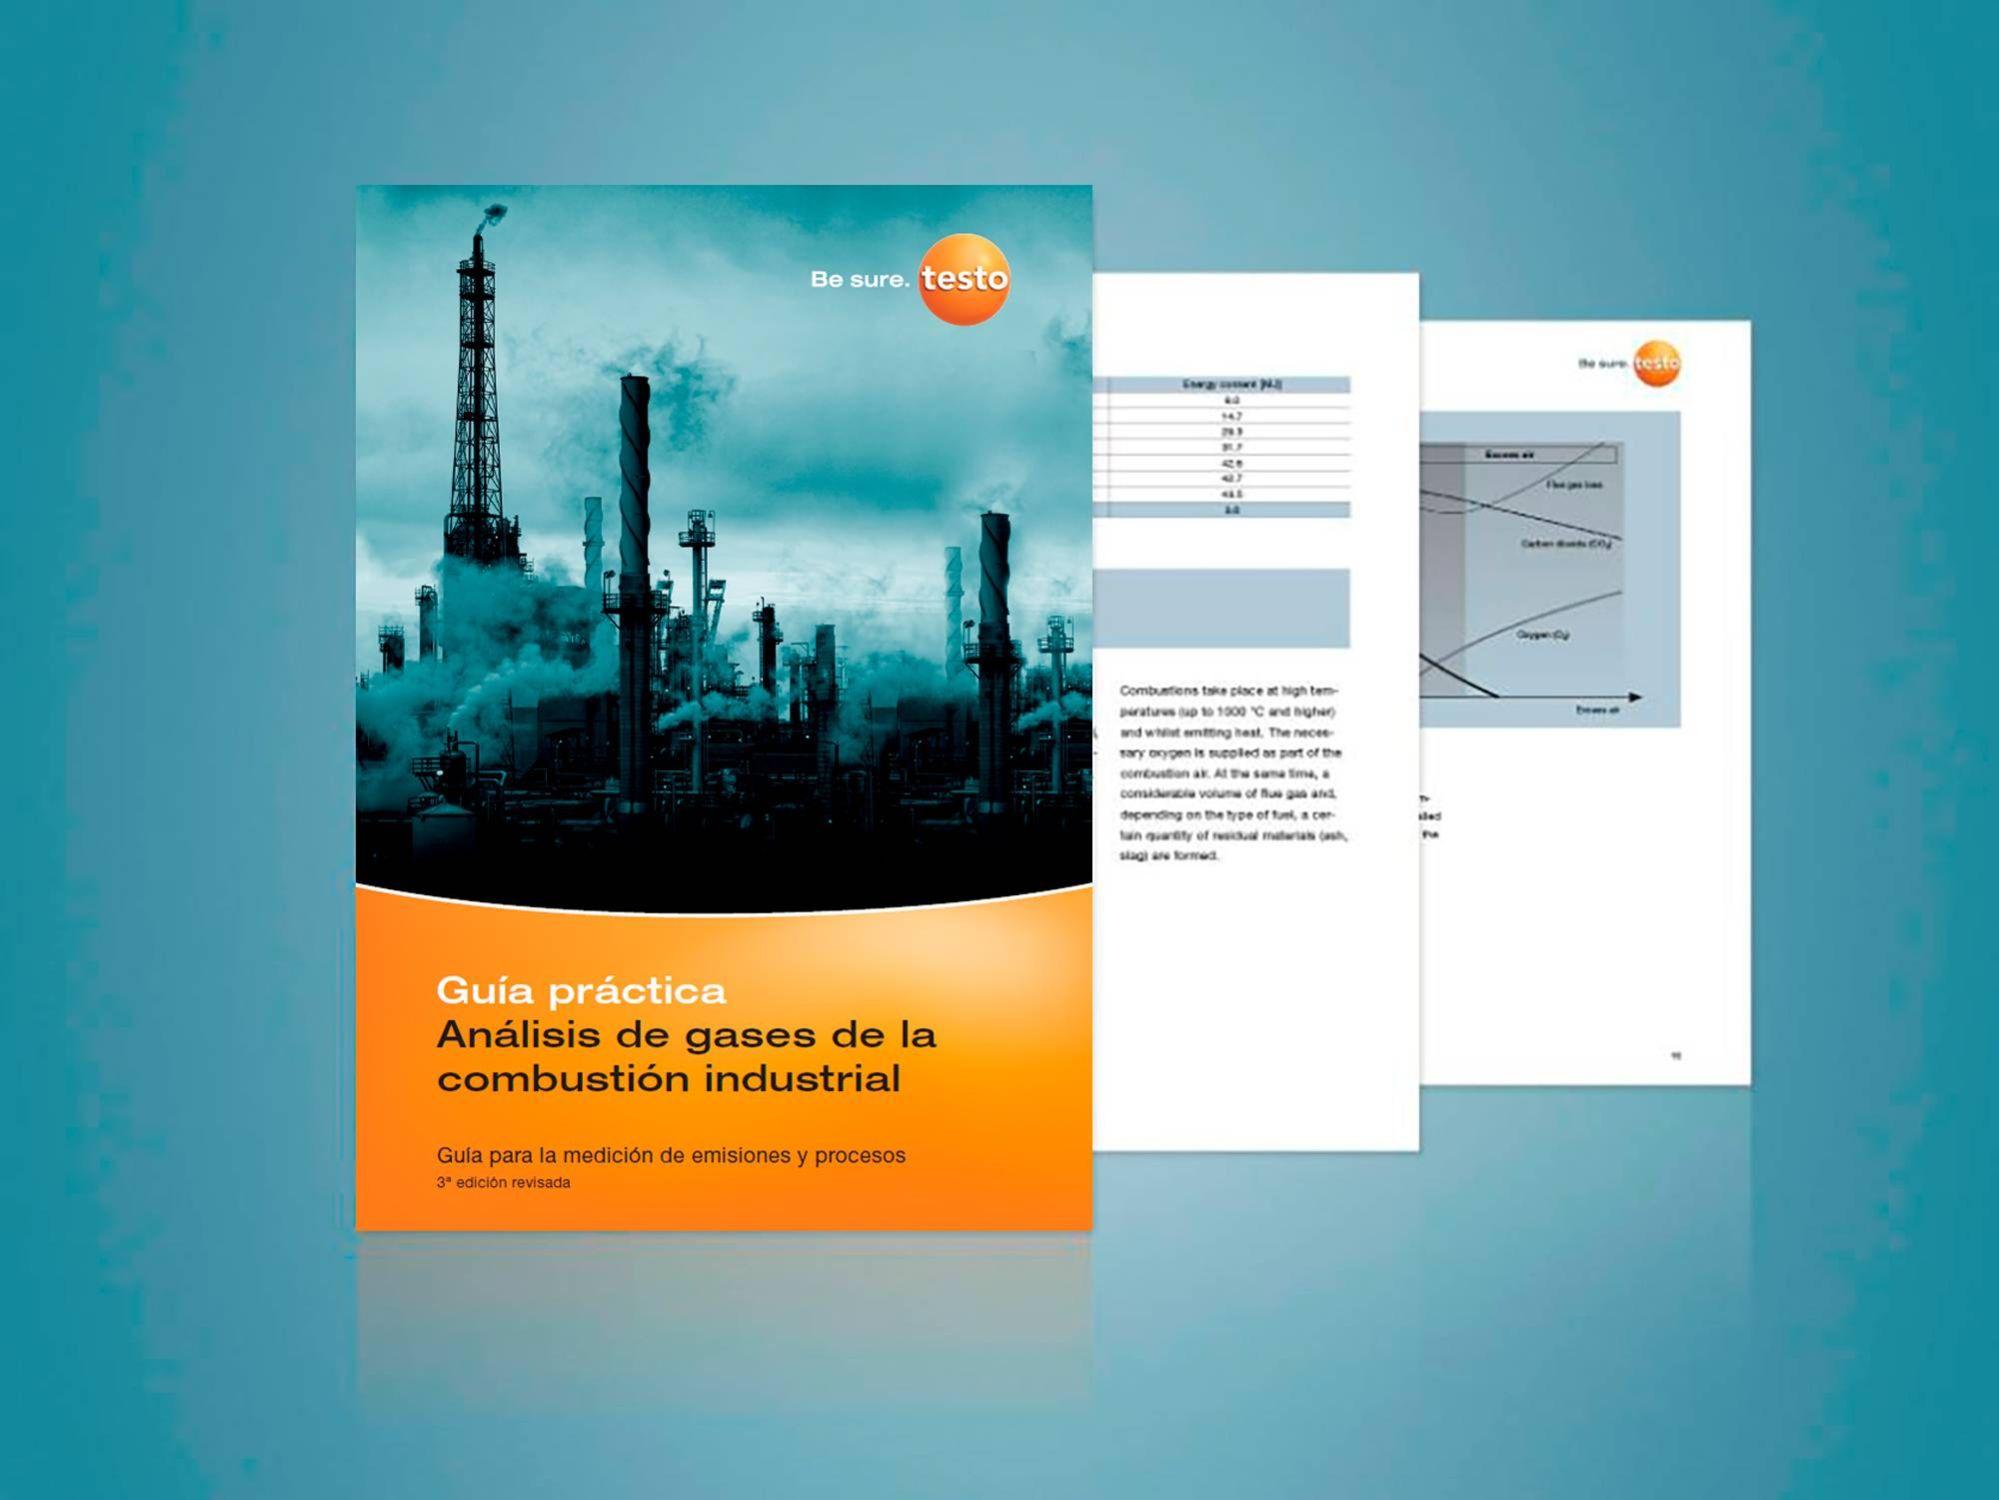 Guía de combustión industrial